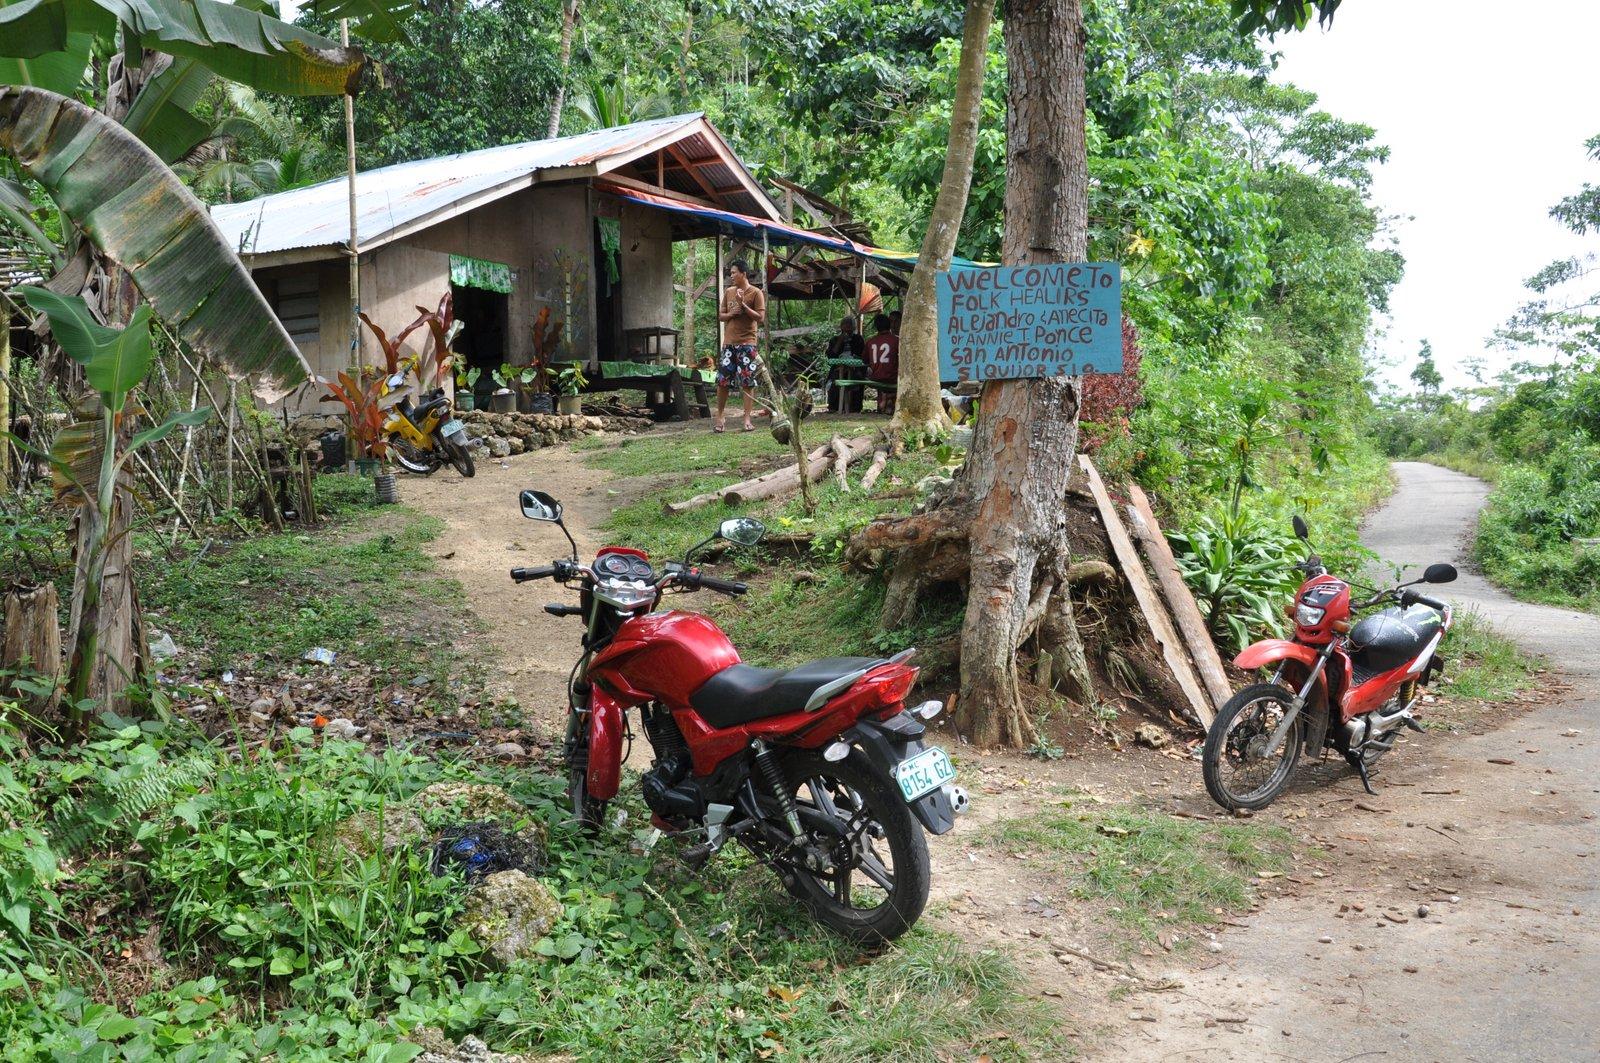 Une maison de guérisseur sur l'île de Siquijor aux Philippines